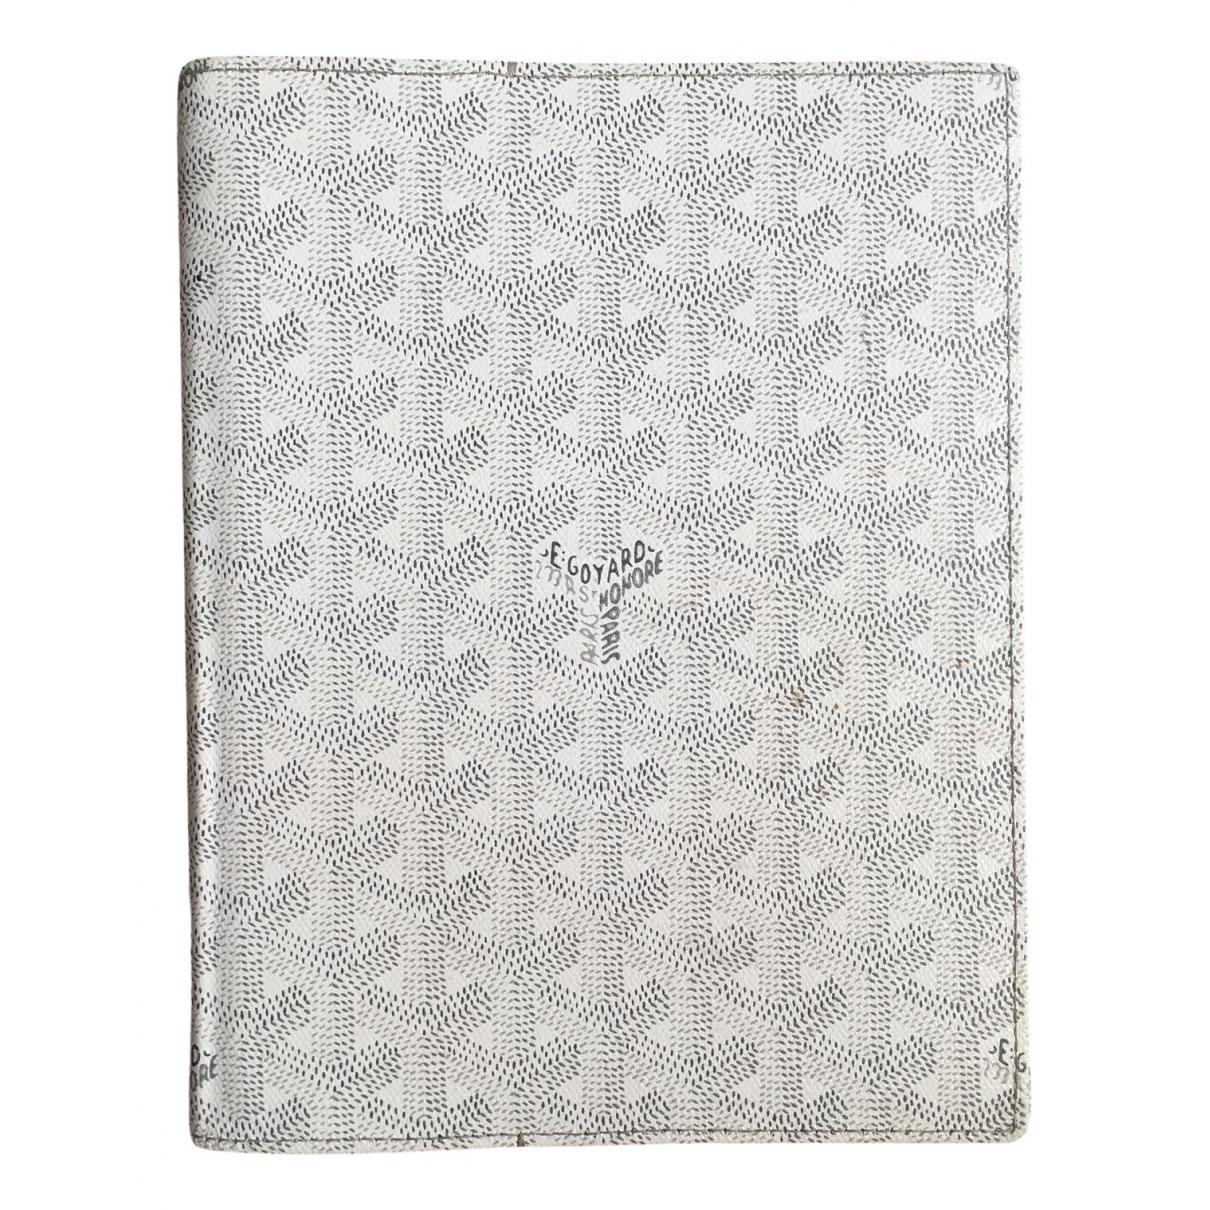 Goyard - Objets & Deco   pour lifestyle en toile - blanc